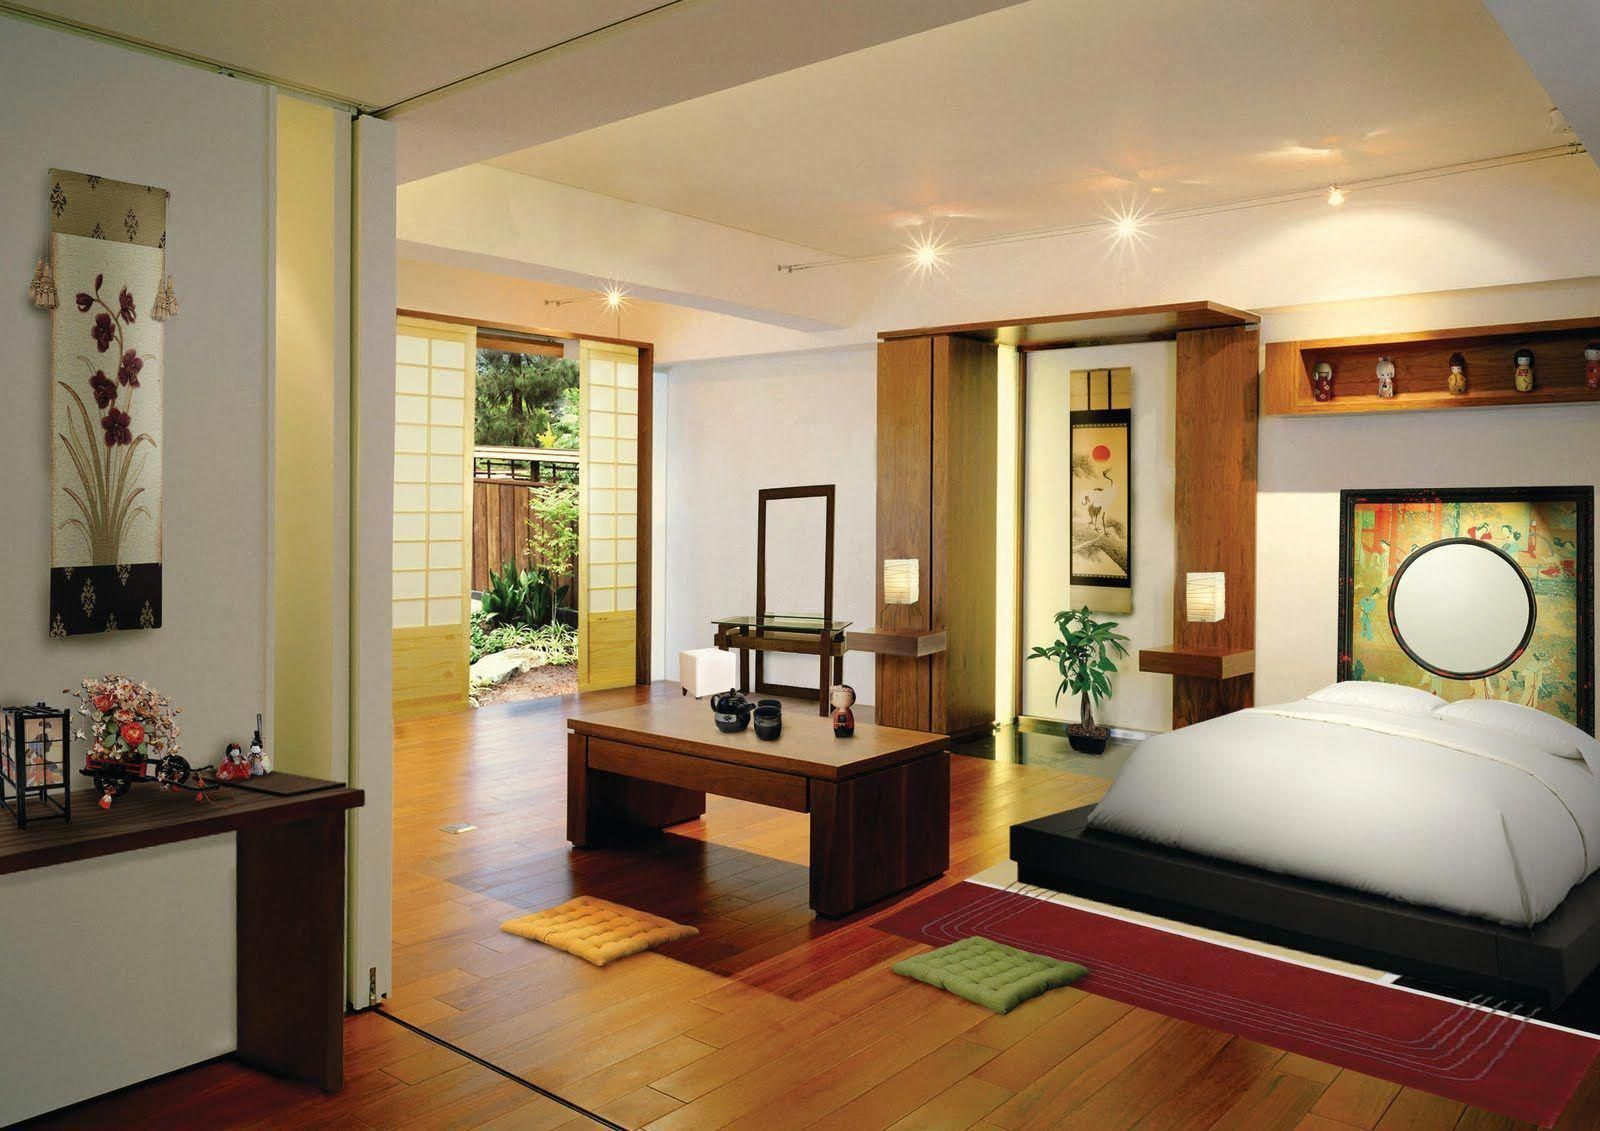 Asian Home Decor Examples 9da34b4ff1bce217be7a29c69c27b16c